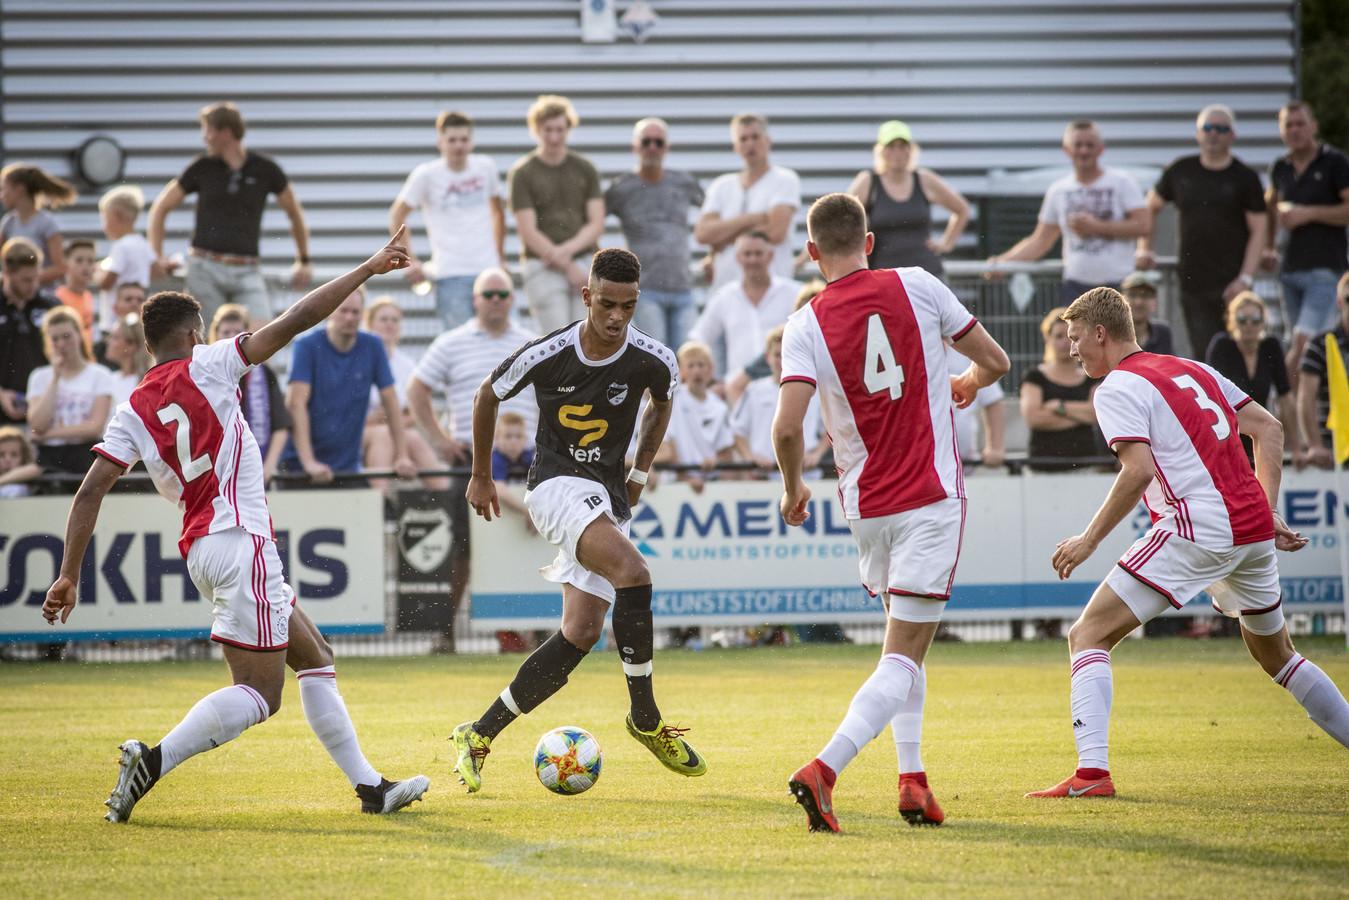 Beeld uit de oefenwedstrijd Quick'20 - Ajax uit 2019. Op 6 juli oefenen de clubs opnieuw tegen elkaar in Oldenzaal.